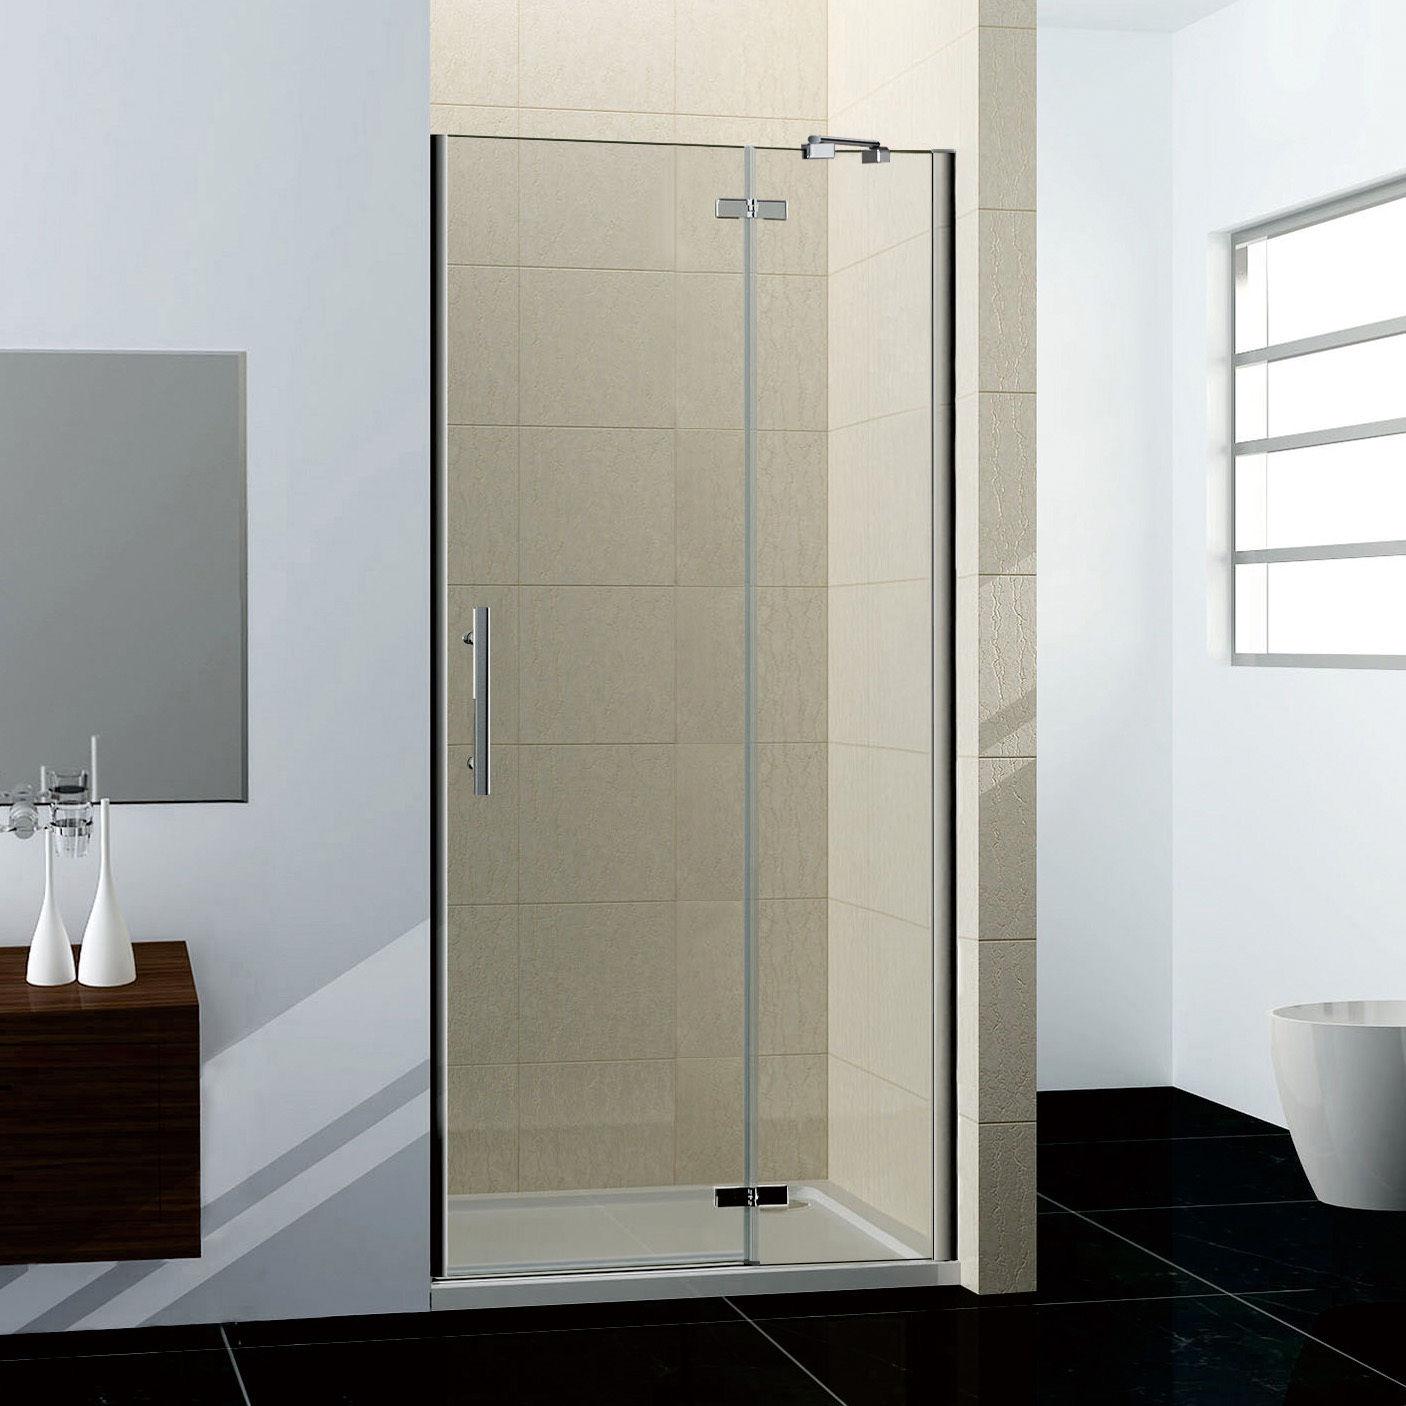 duschwnde glas excellent duschwand glas nano duschtr duschkabine dusche glastr glaswand. Black Bedroom Furniture Sets. Home Design Ideas